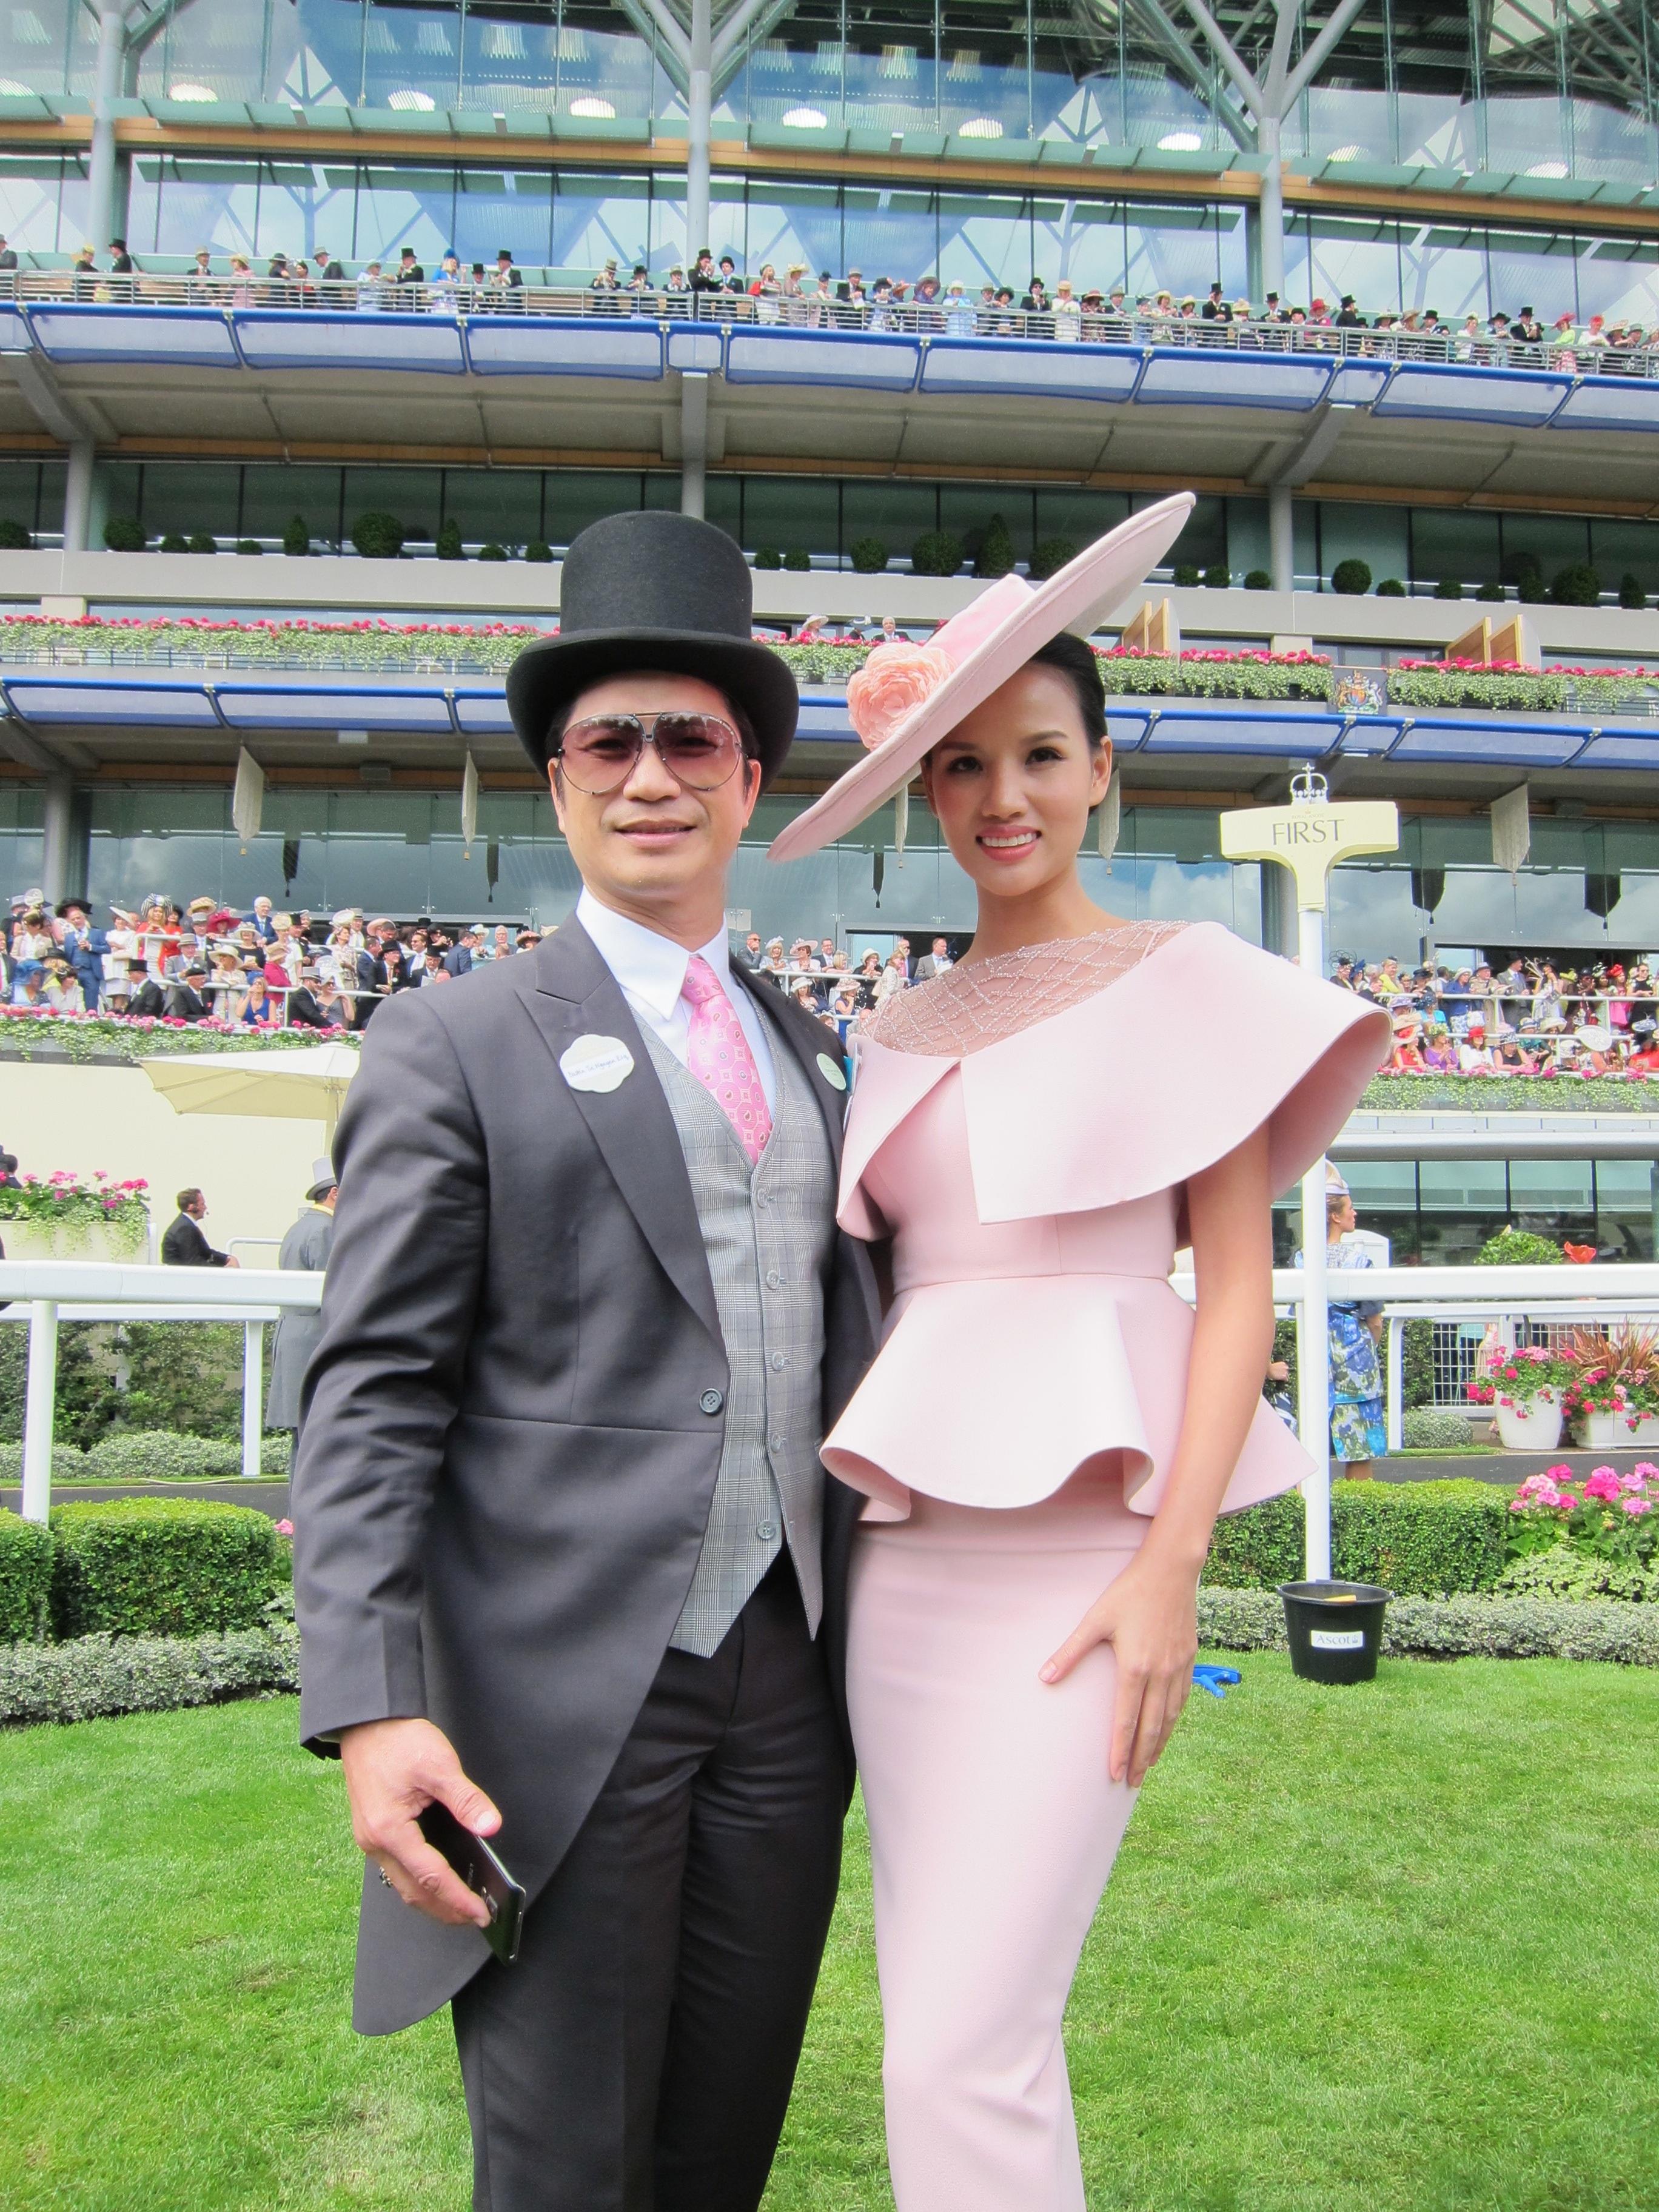 Dustin Nguyễn - Bebe dự đua ngựa mừng sinh nhật nữ hoàng Anh 90 tuổi - 14